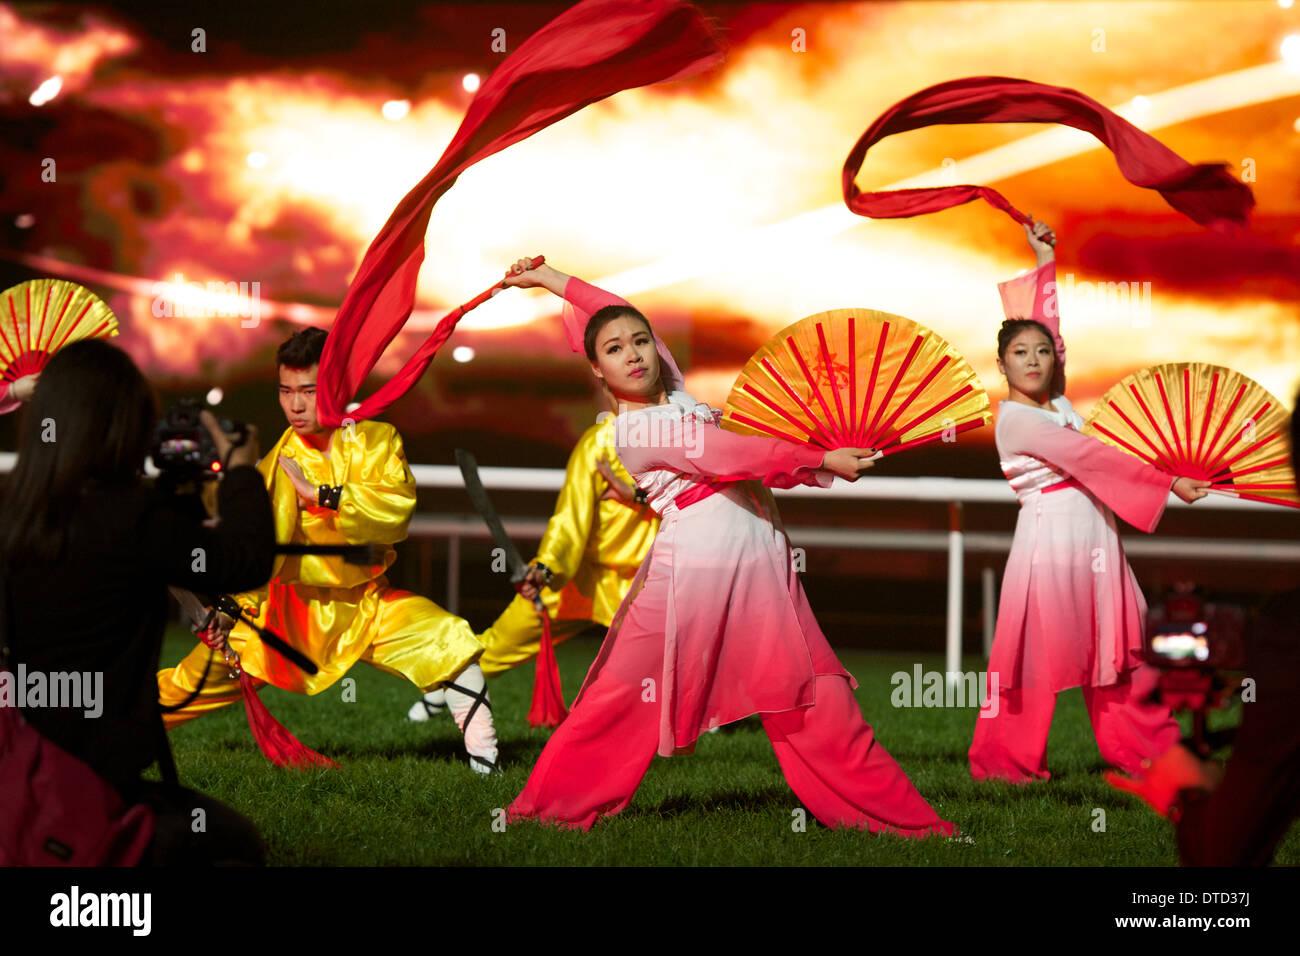 Les spectacles de danse chinoise à l'Hippodrome de Meydan pour célébrer l'année chinoise du cheval Photo Stock